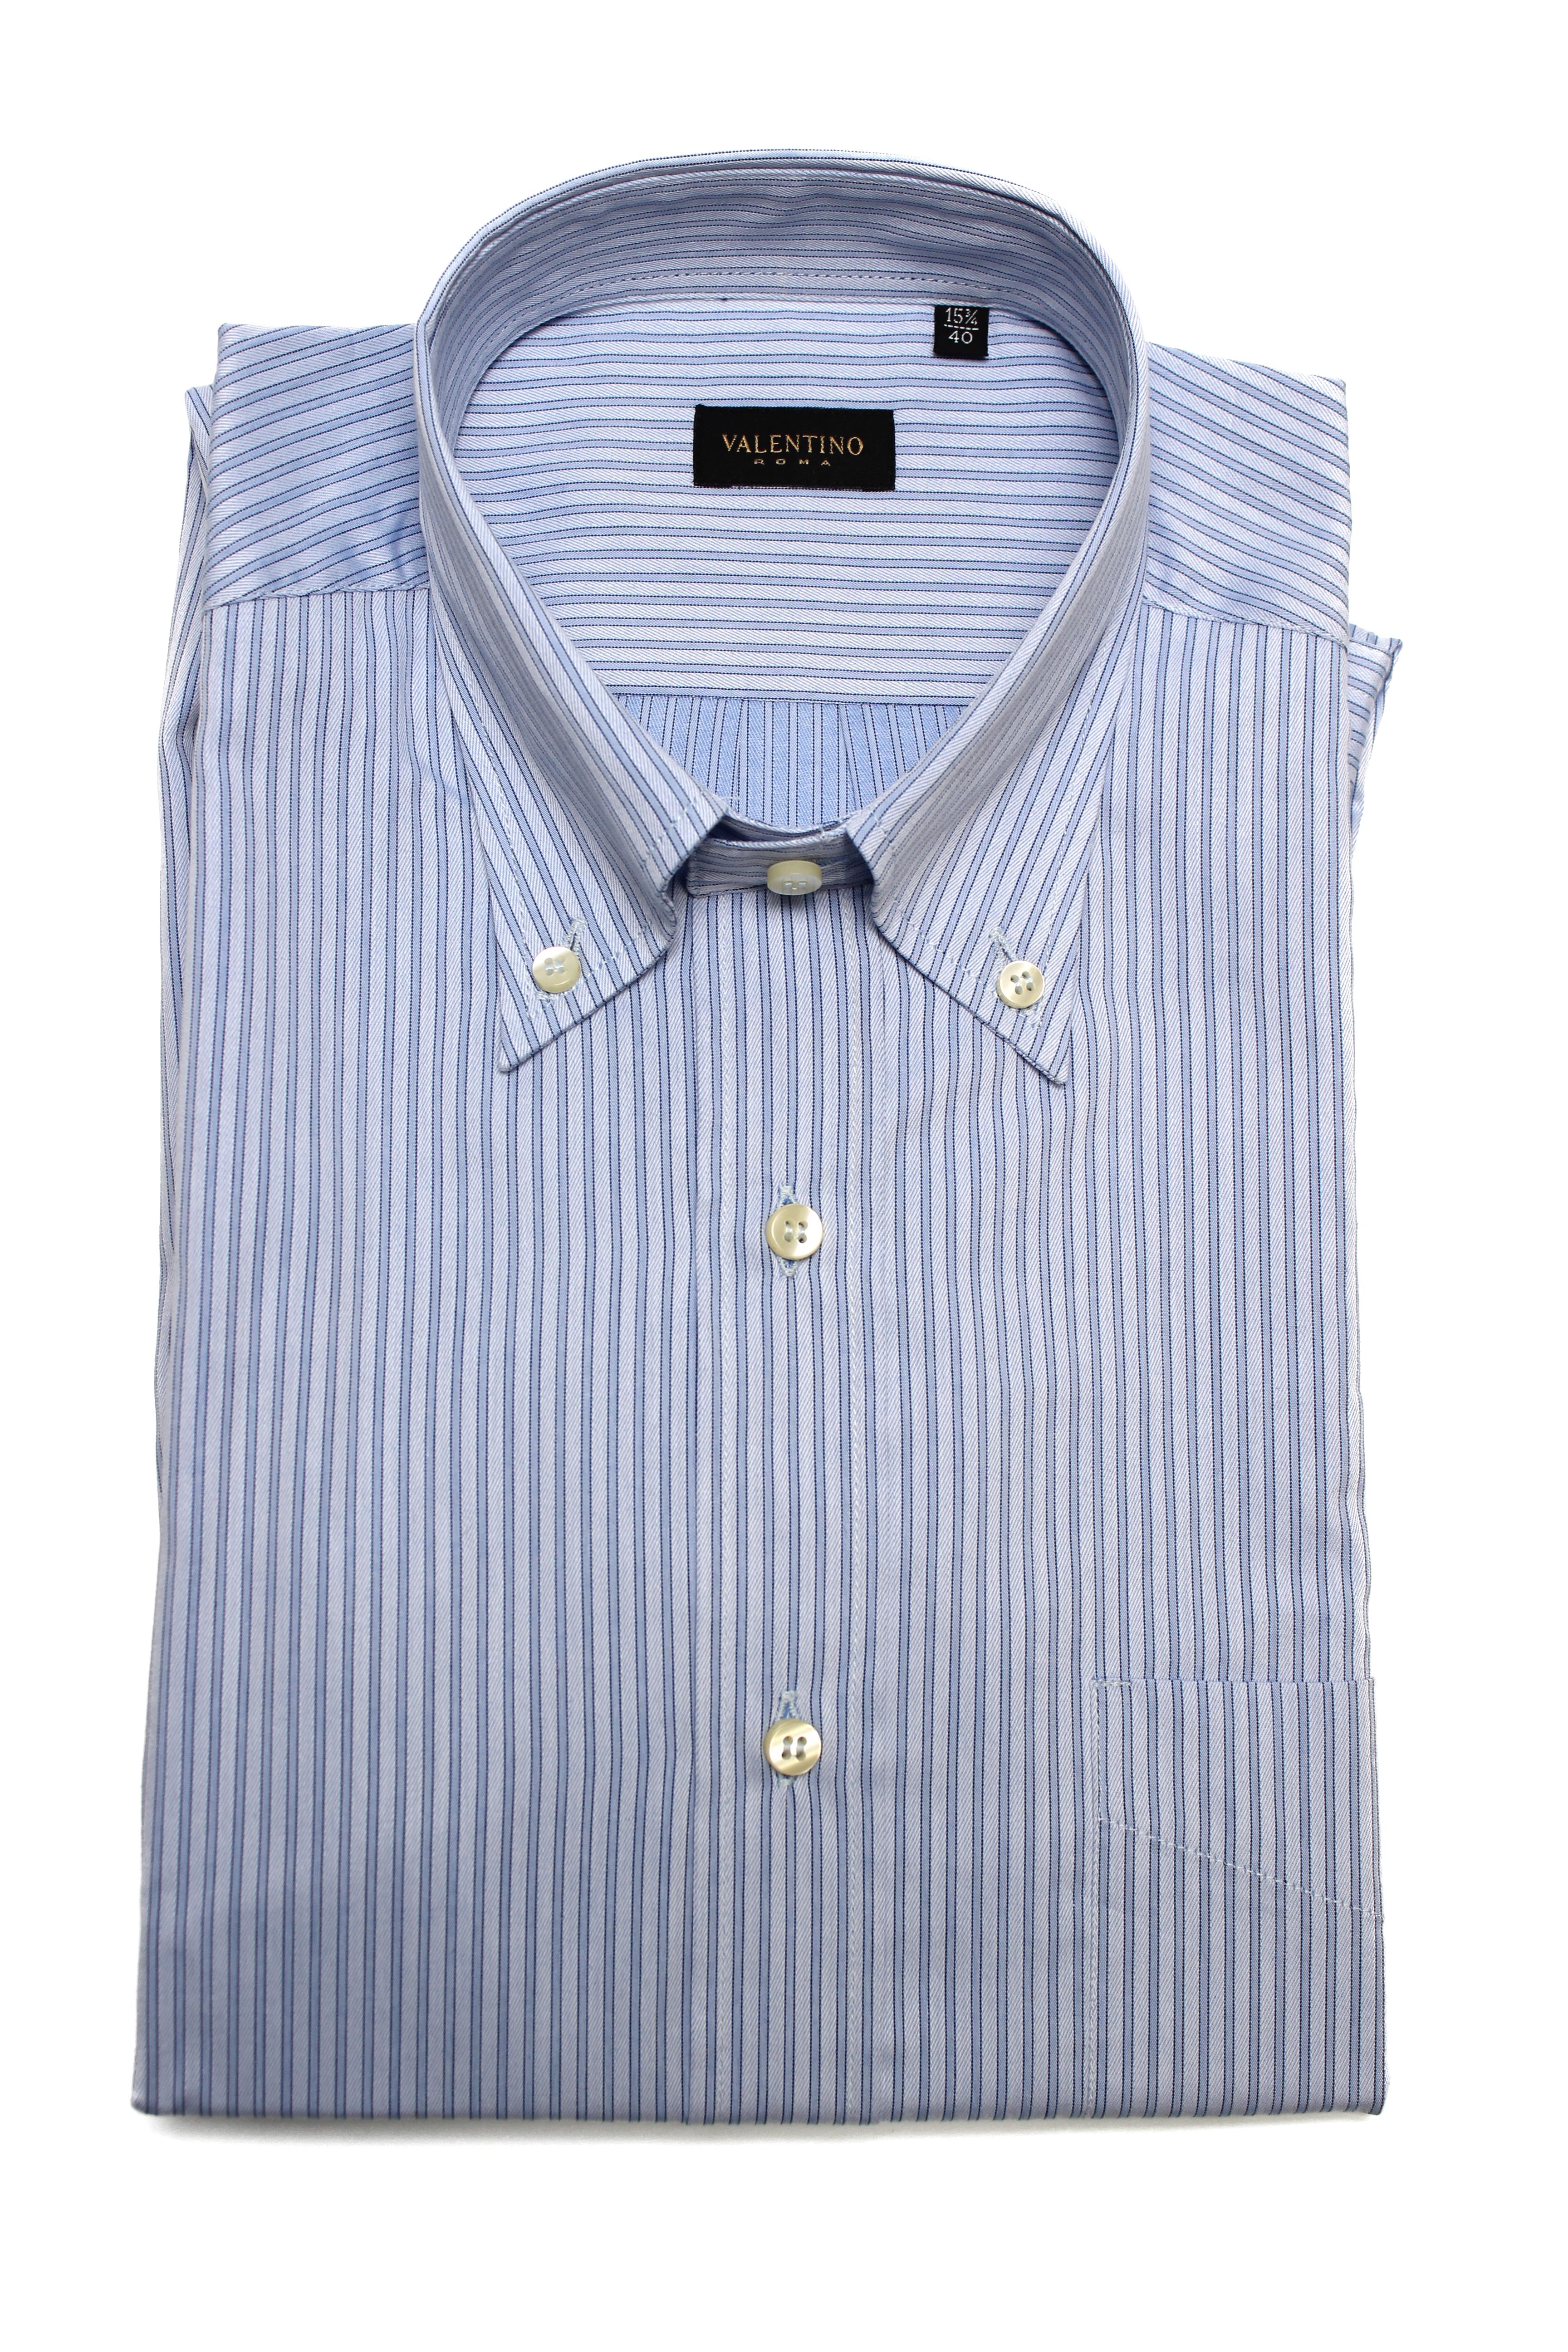 Cotone Valentino uomo abbottonata punto colletto abito camicia bambino blu 6c06dca8fd5